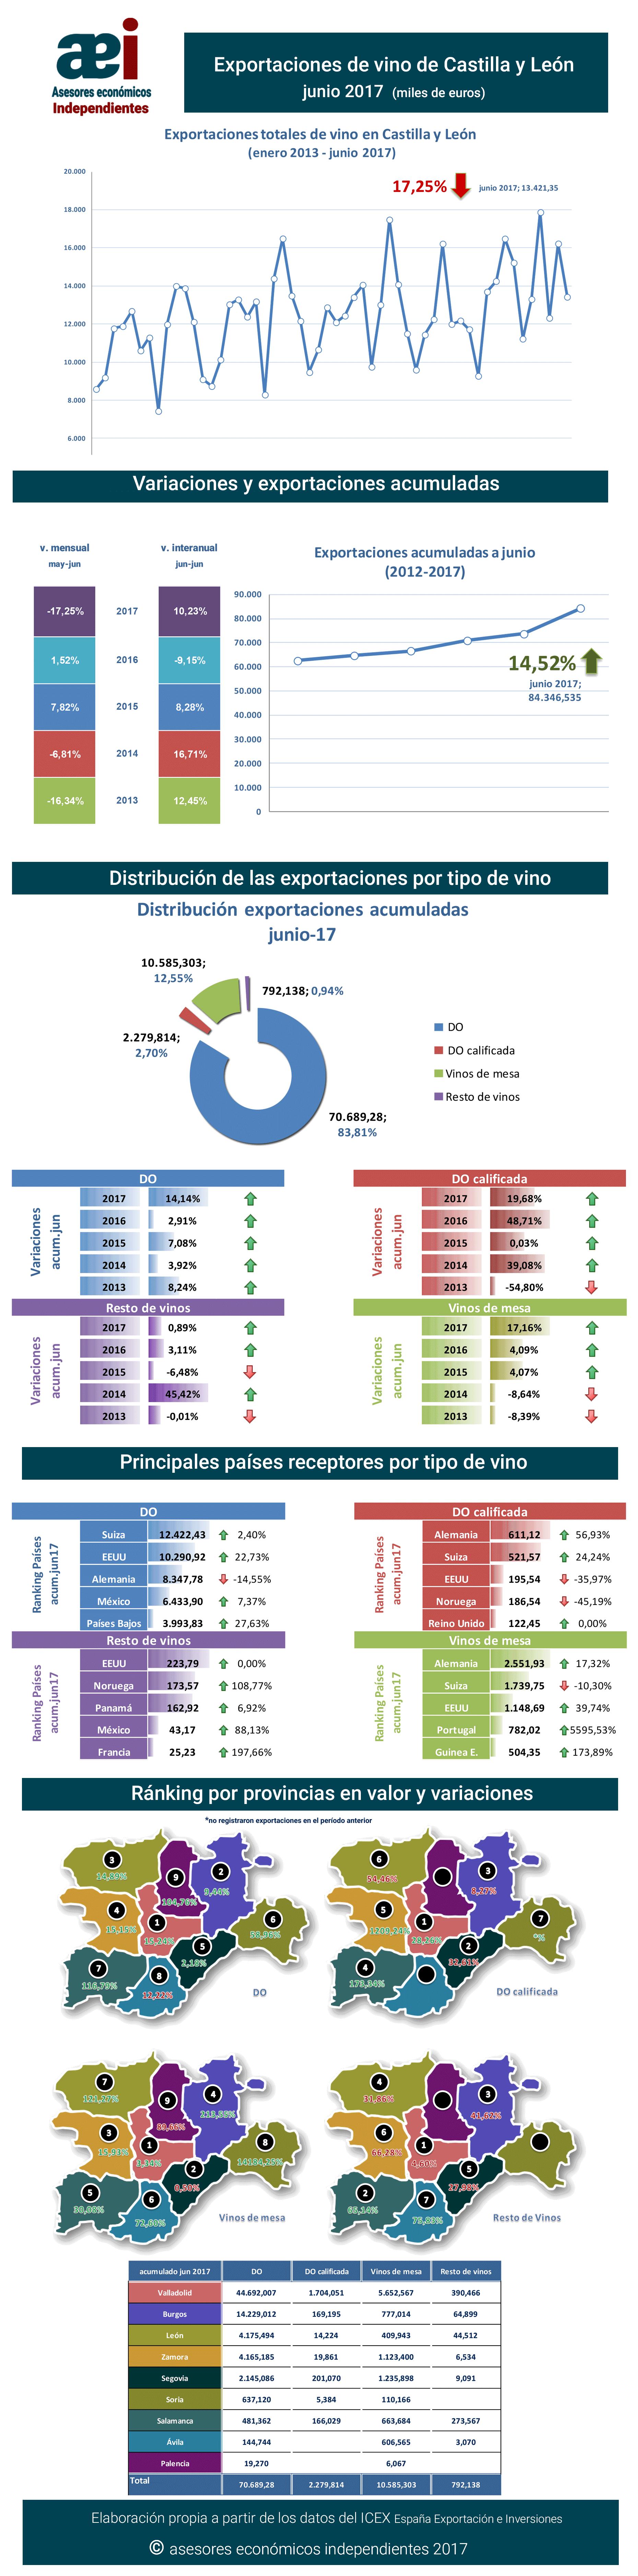 infografía de exportaciones de vino de Castilla y León en el mes de junio 2017 realizada por Javier Méndez Lirón para asesores